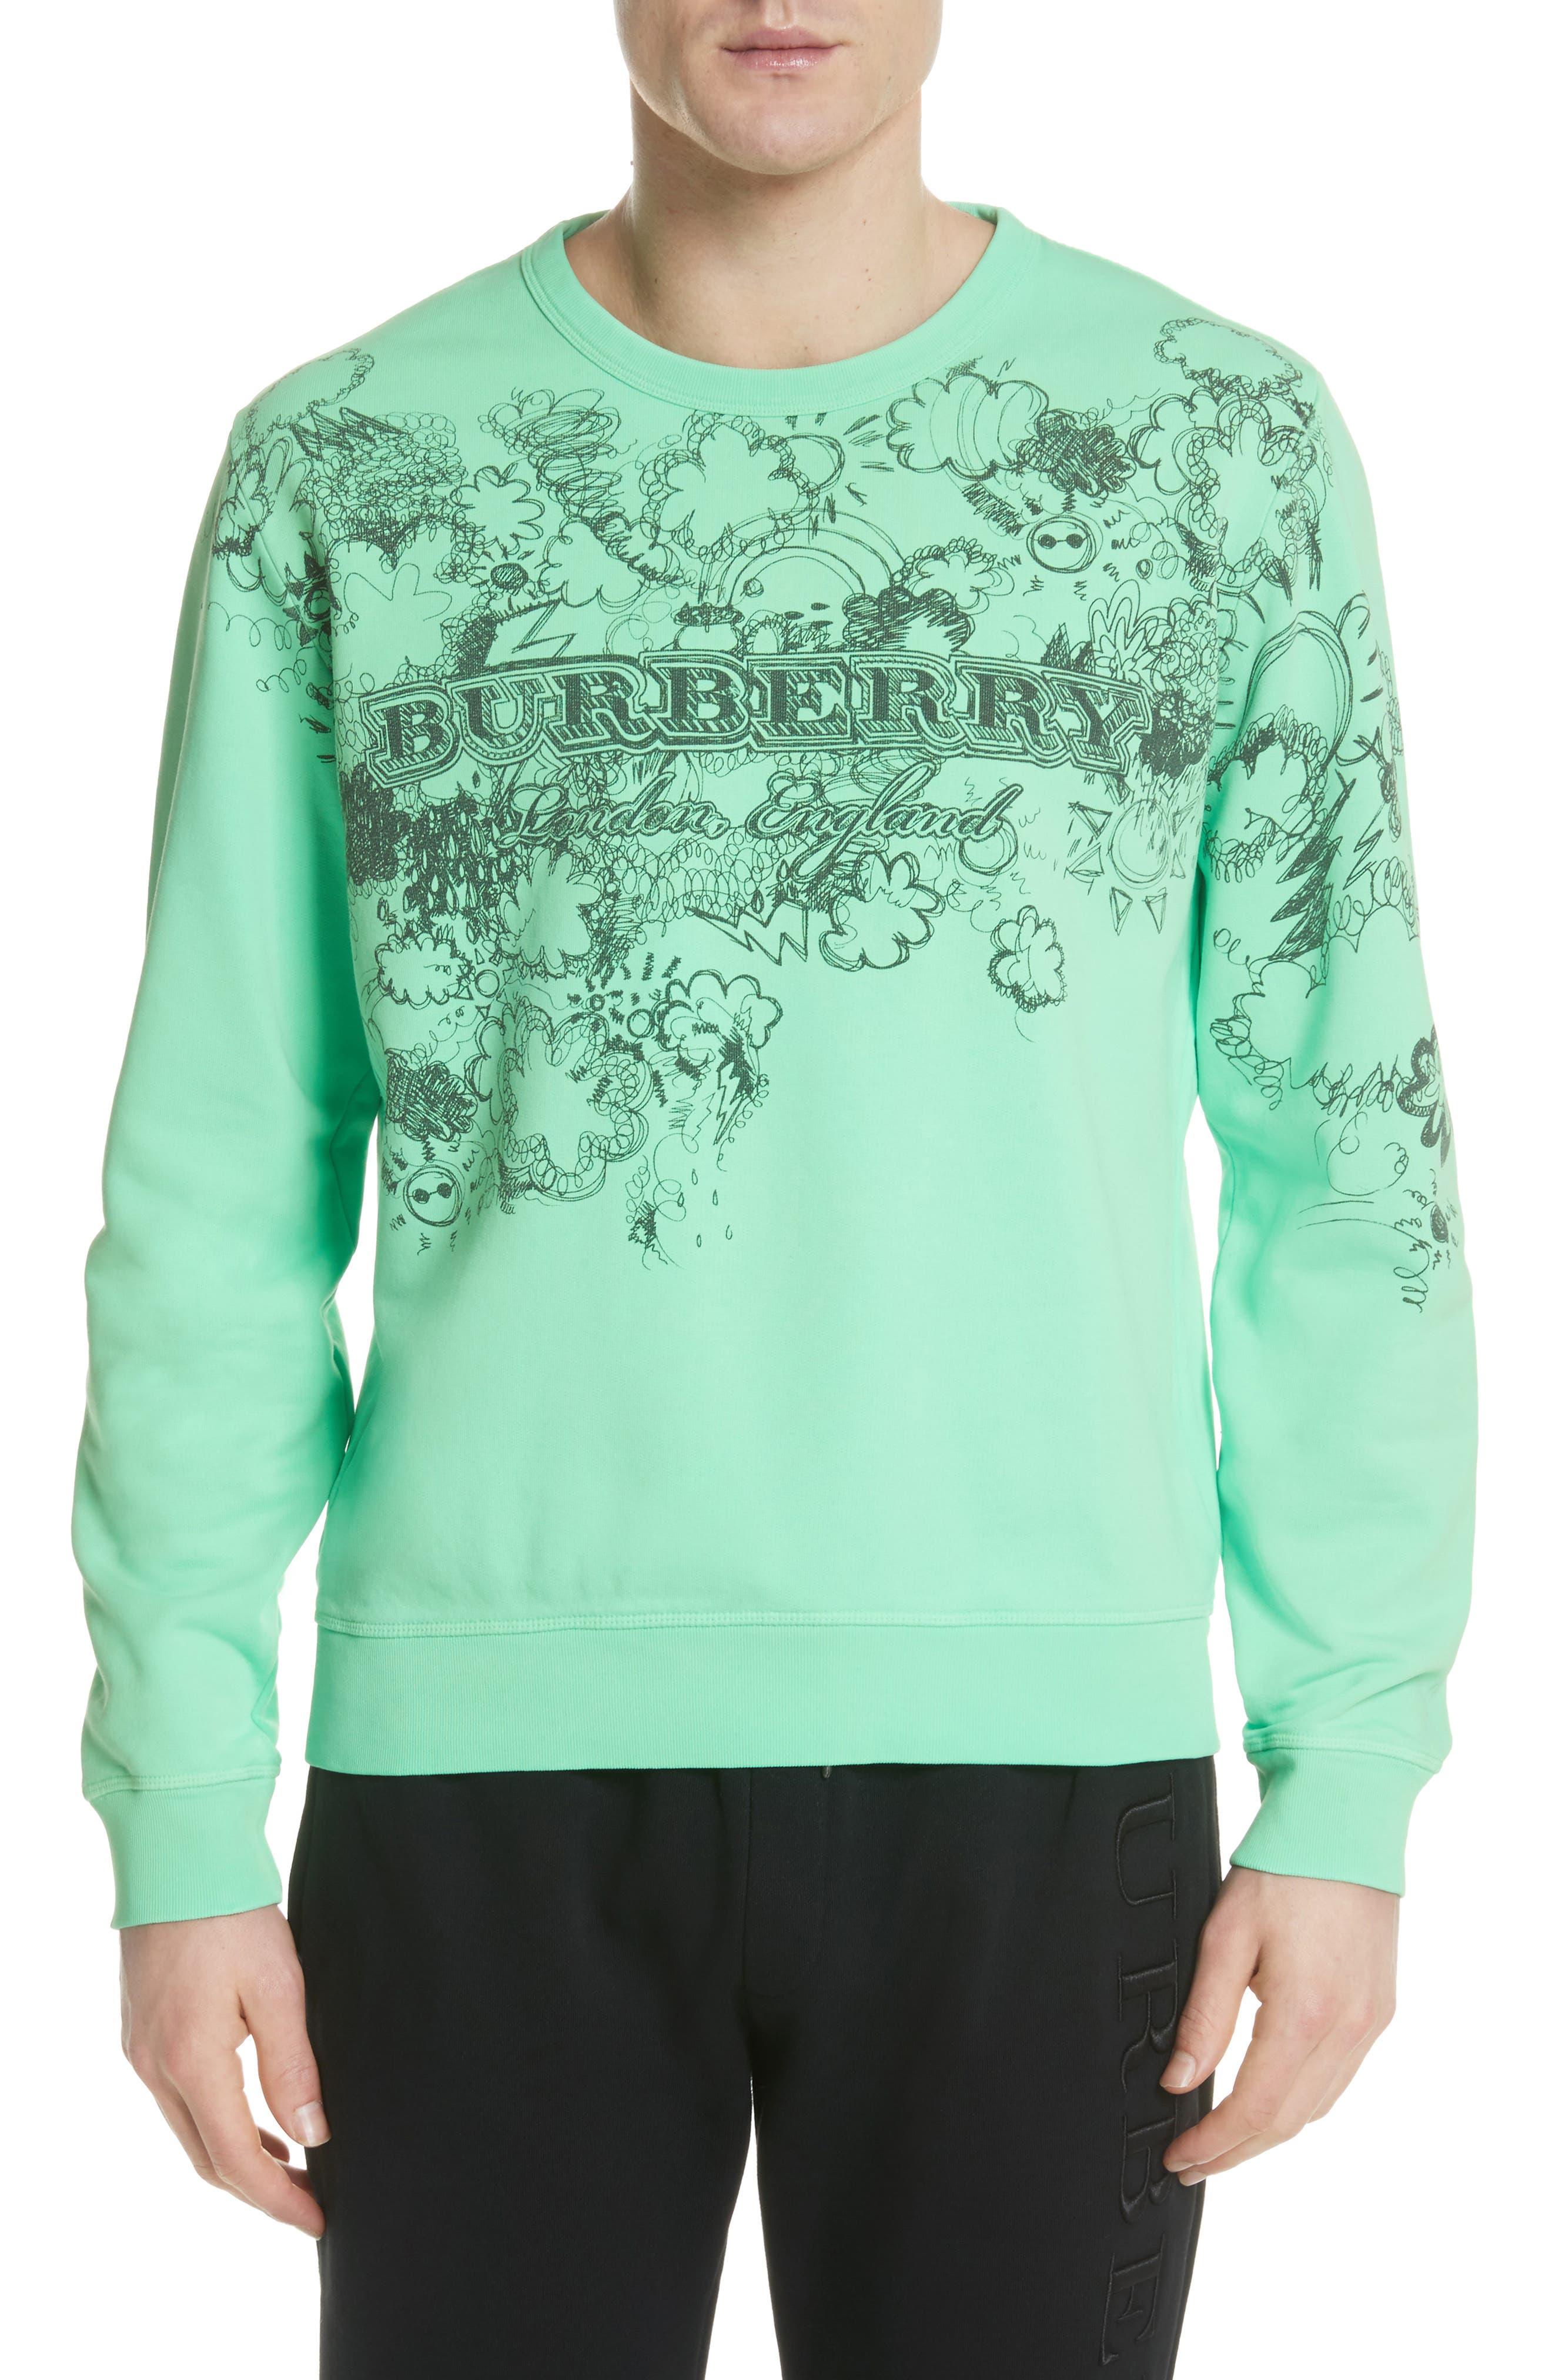 Madon Graphic Sweatshirt,                             Main thumbnail 1, color,                             300